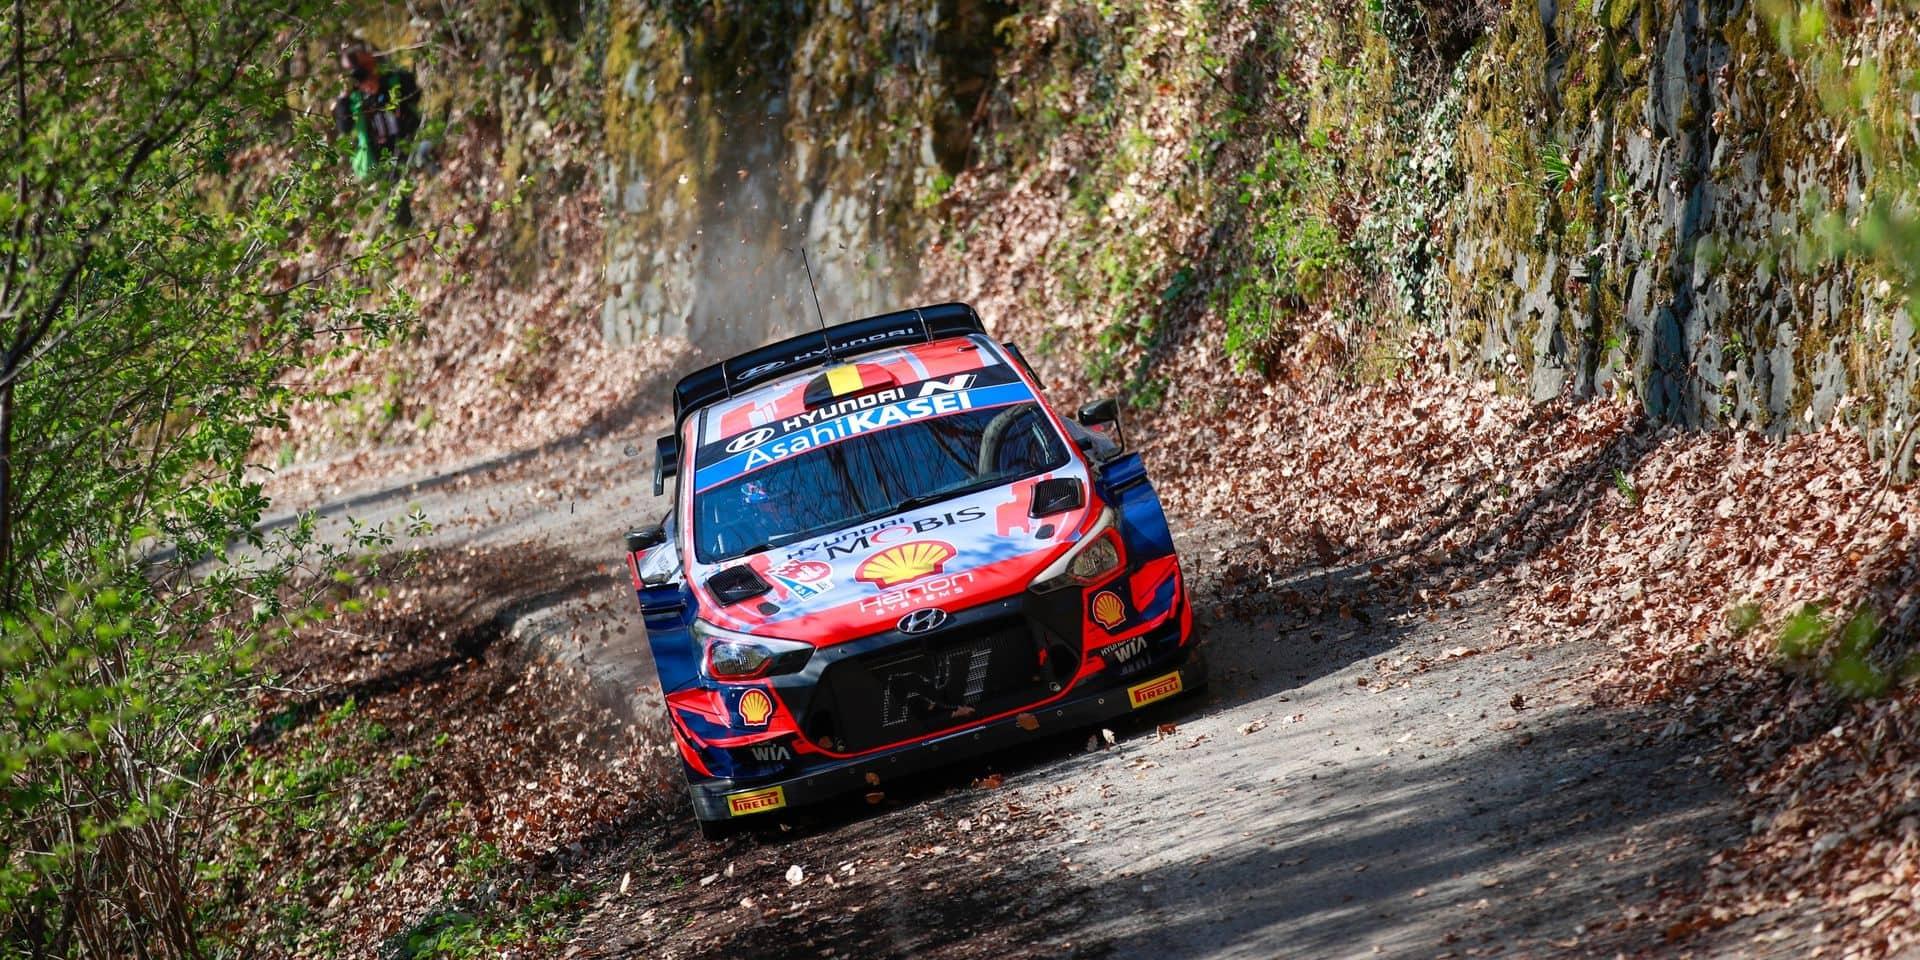 WRC Croatie: Thierry Neuville 2e de la spéciale d'essais